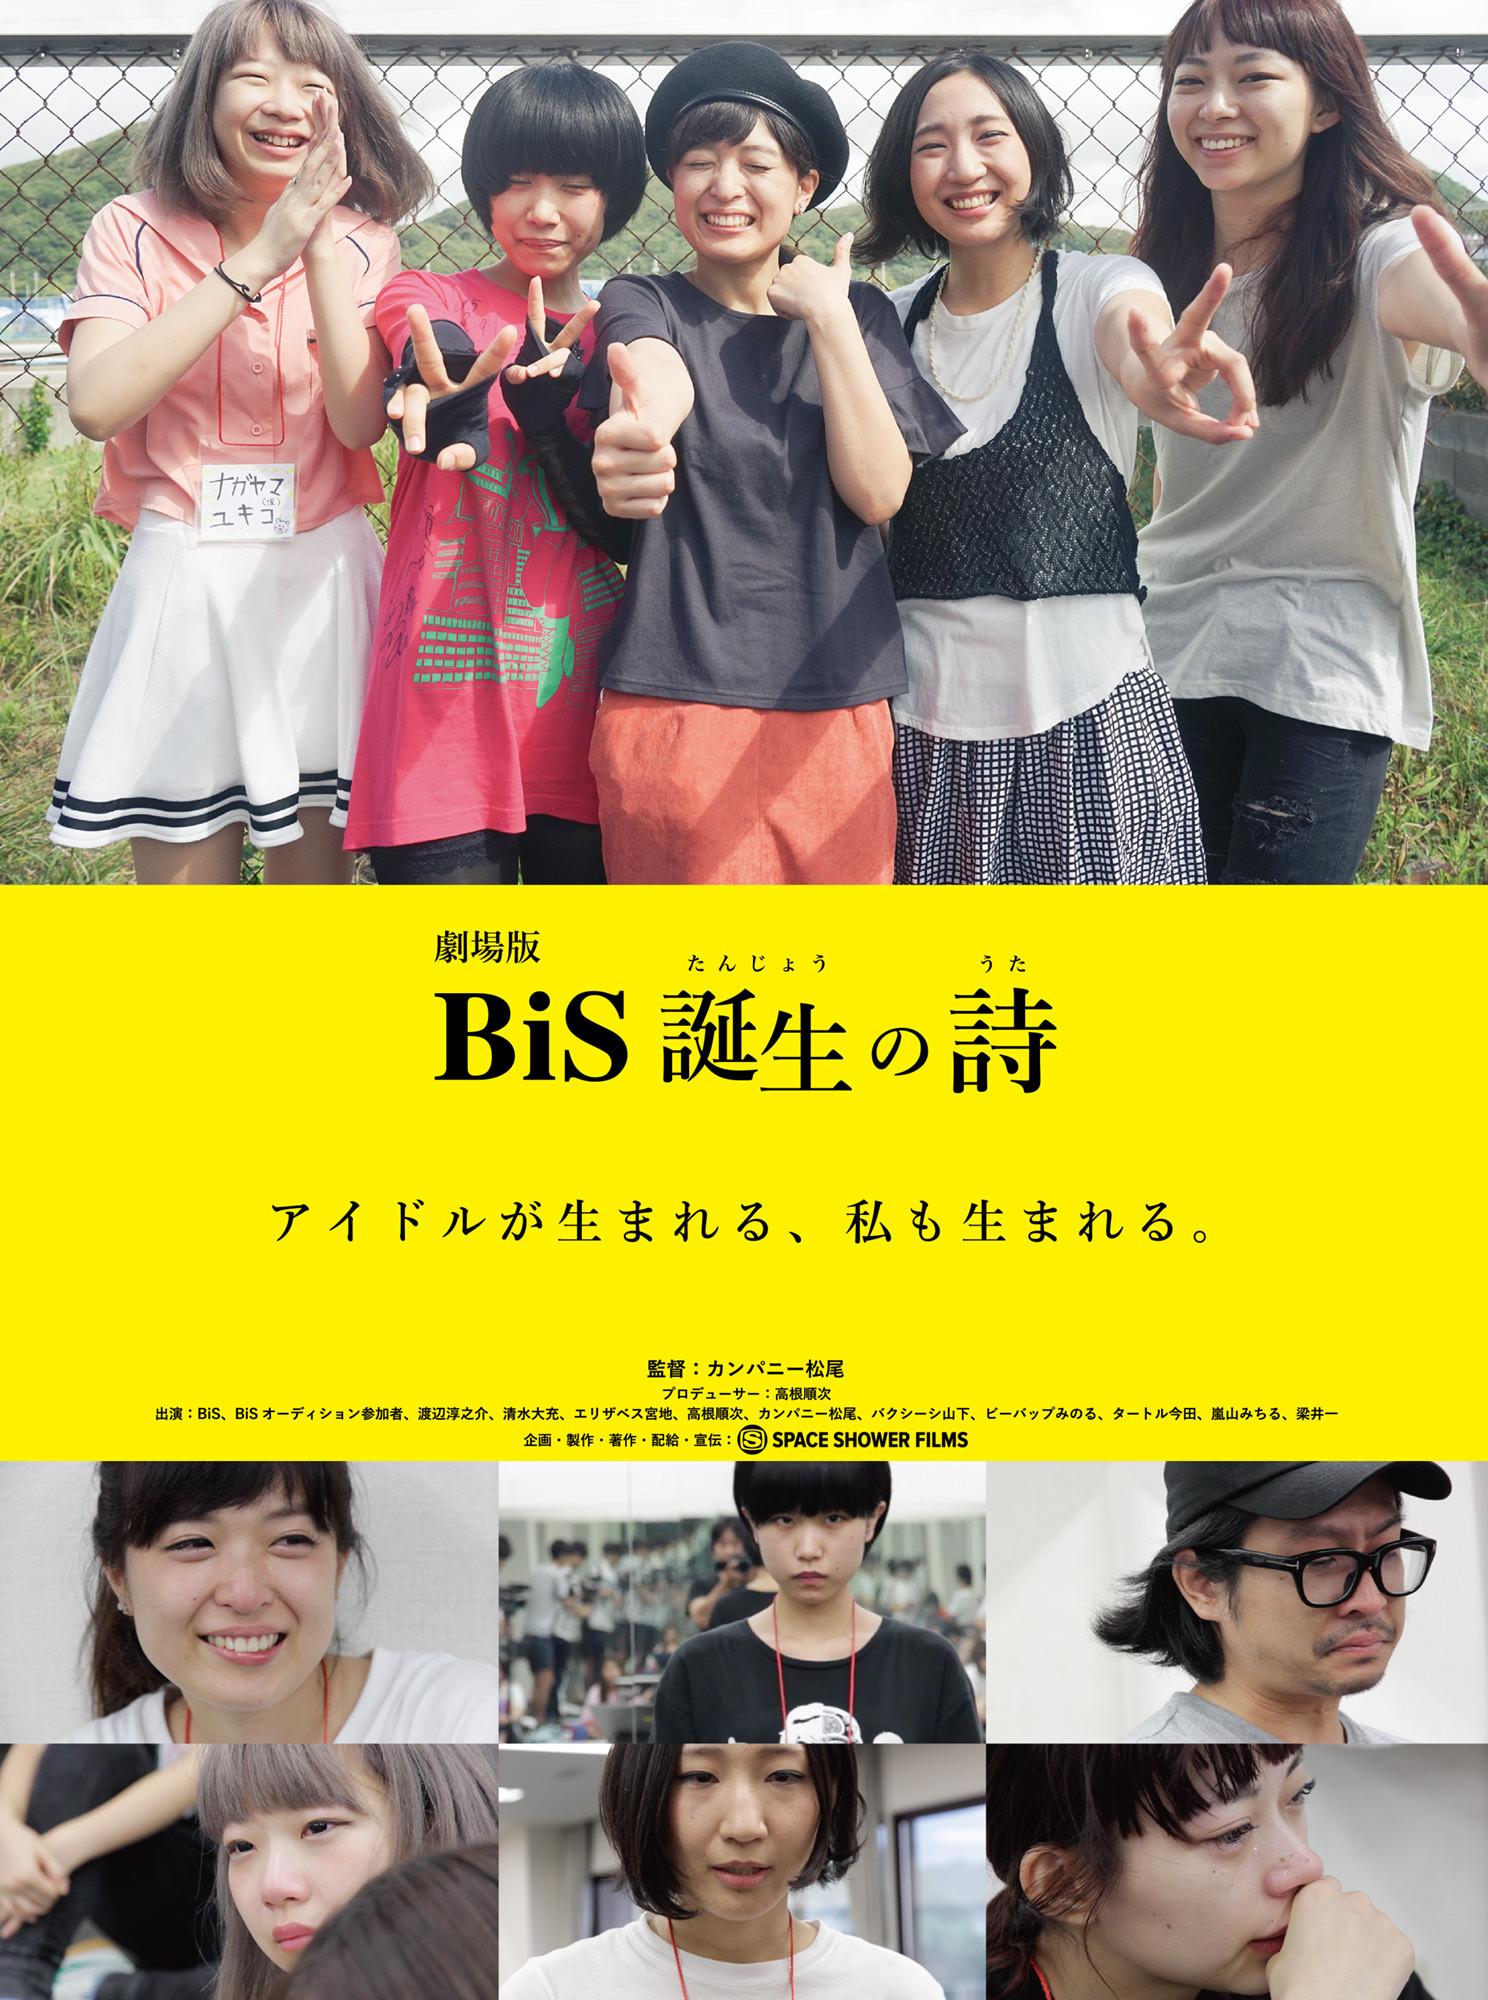 Gekijoban BiS Tanjou no Uta